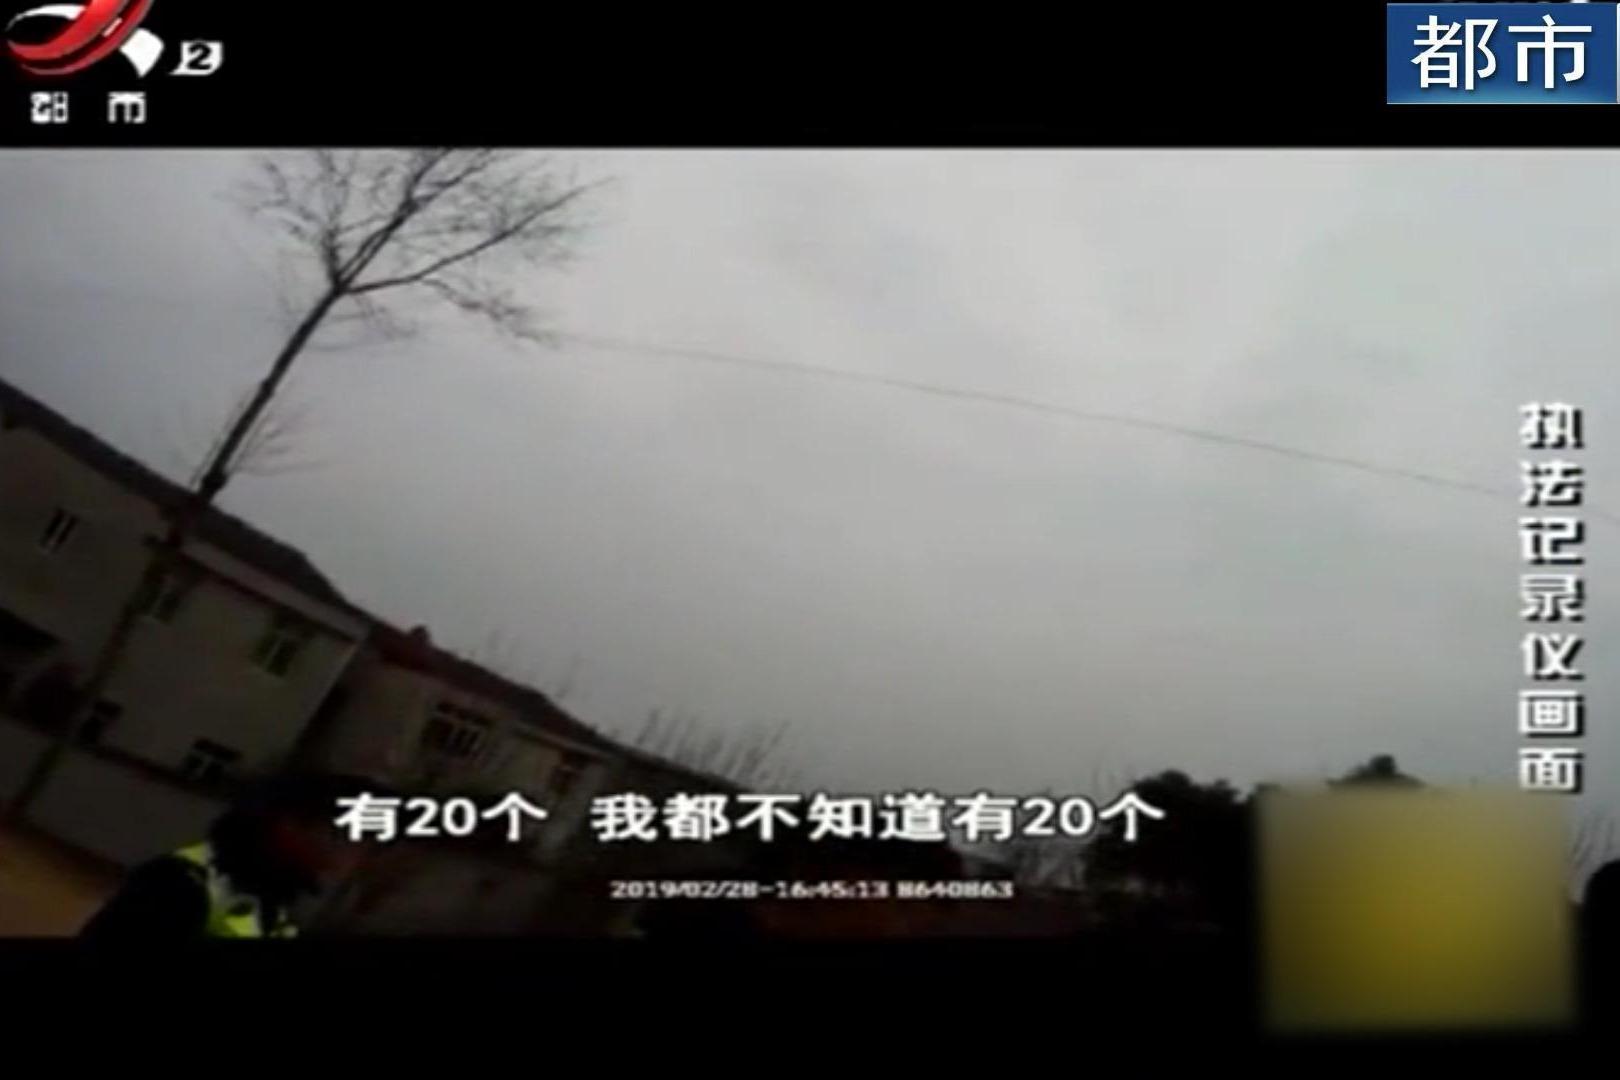 """五菱宏光车主学印度超载 """"我只拉了十个"""" 交警:撒谎都不眨眼"""